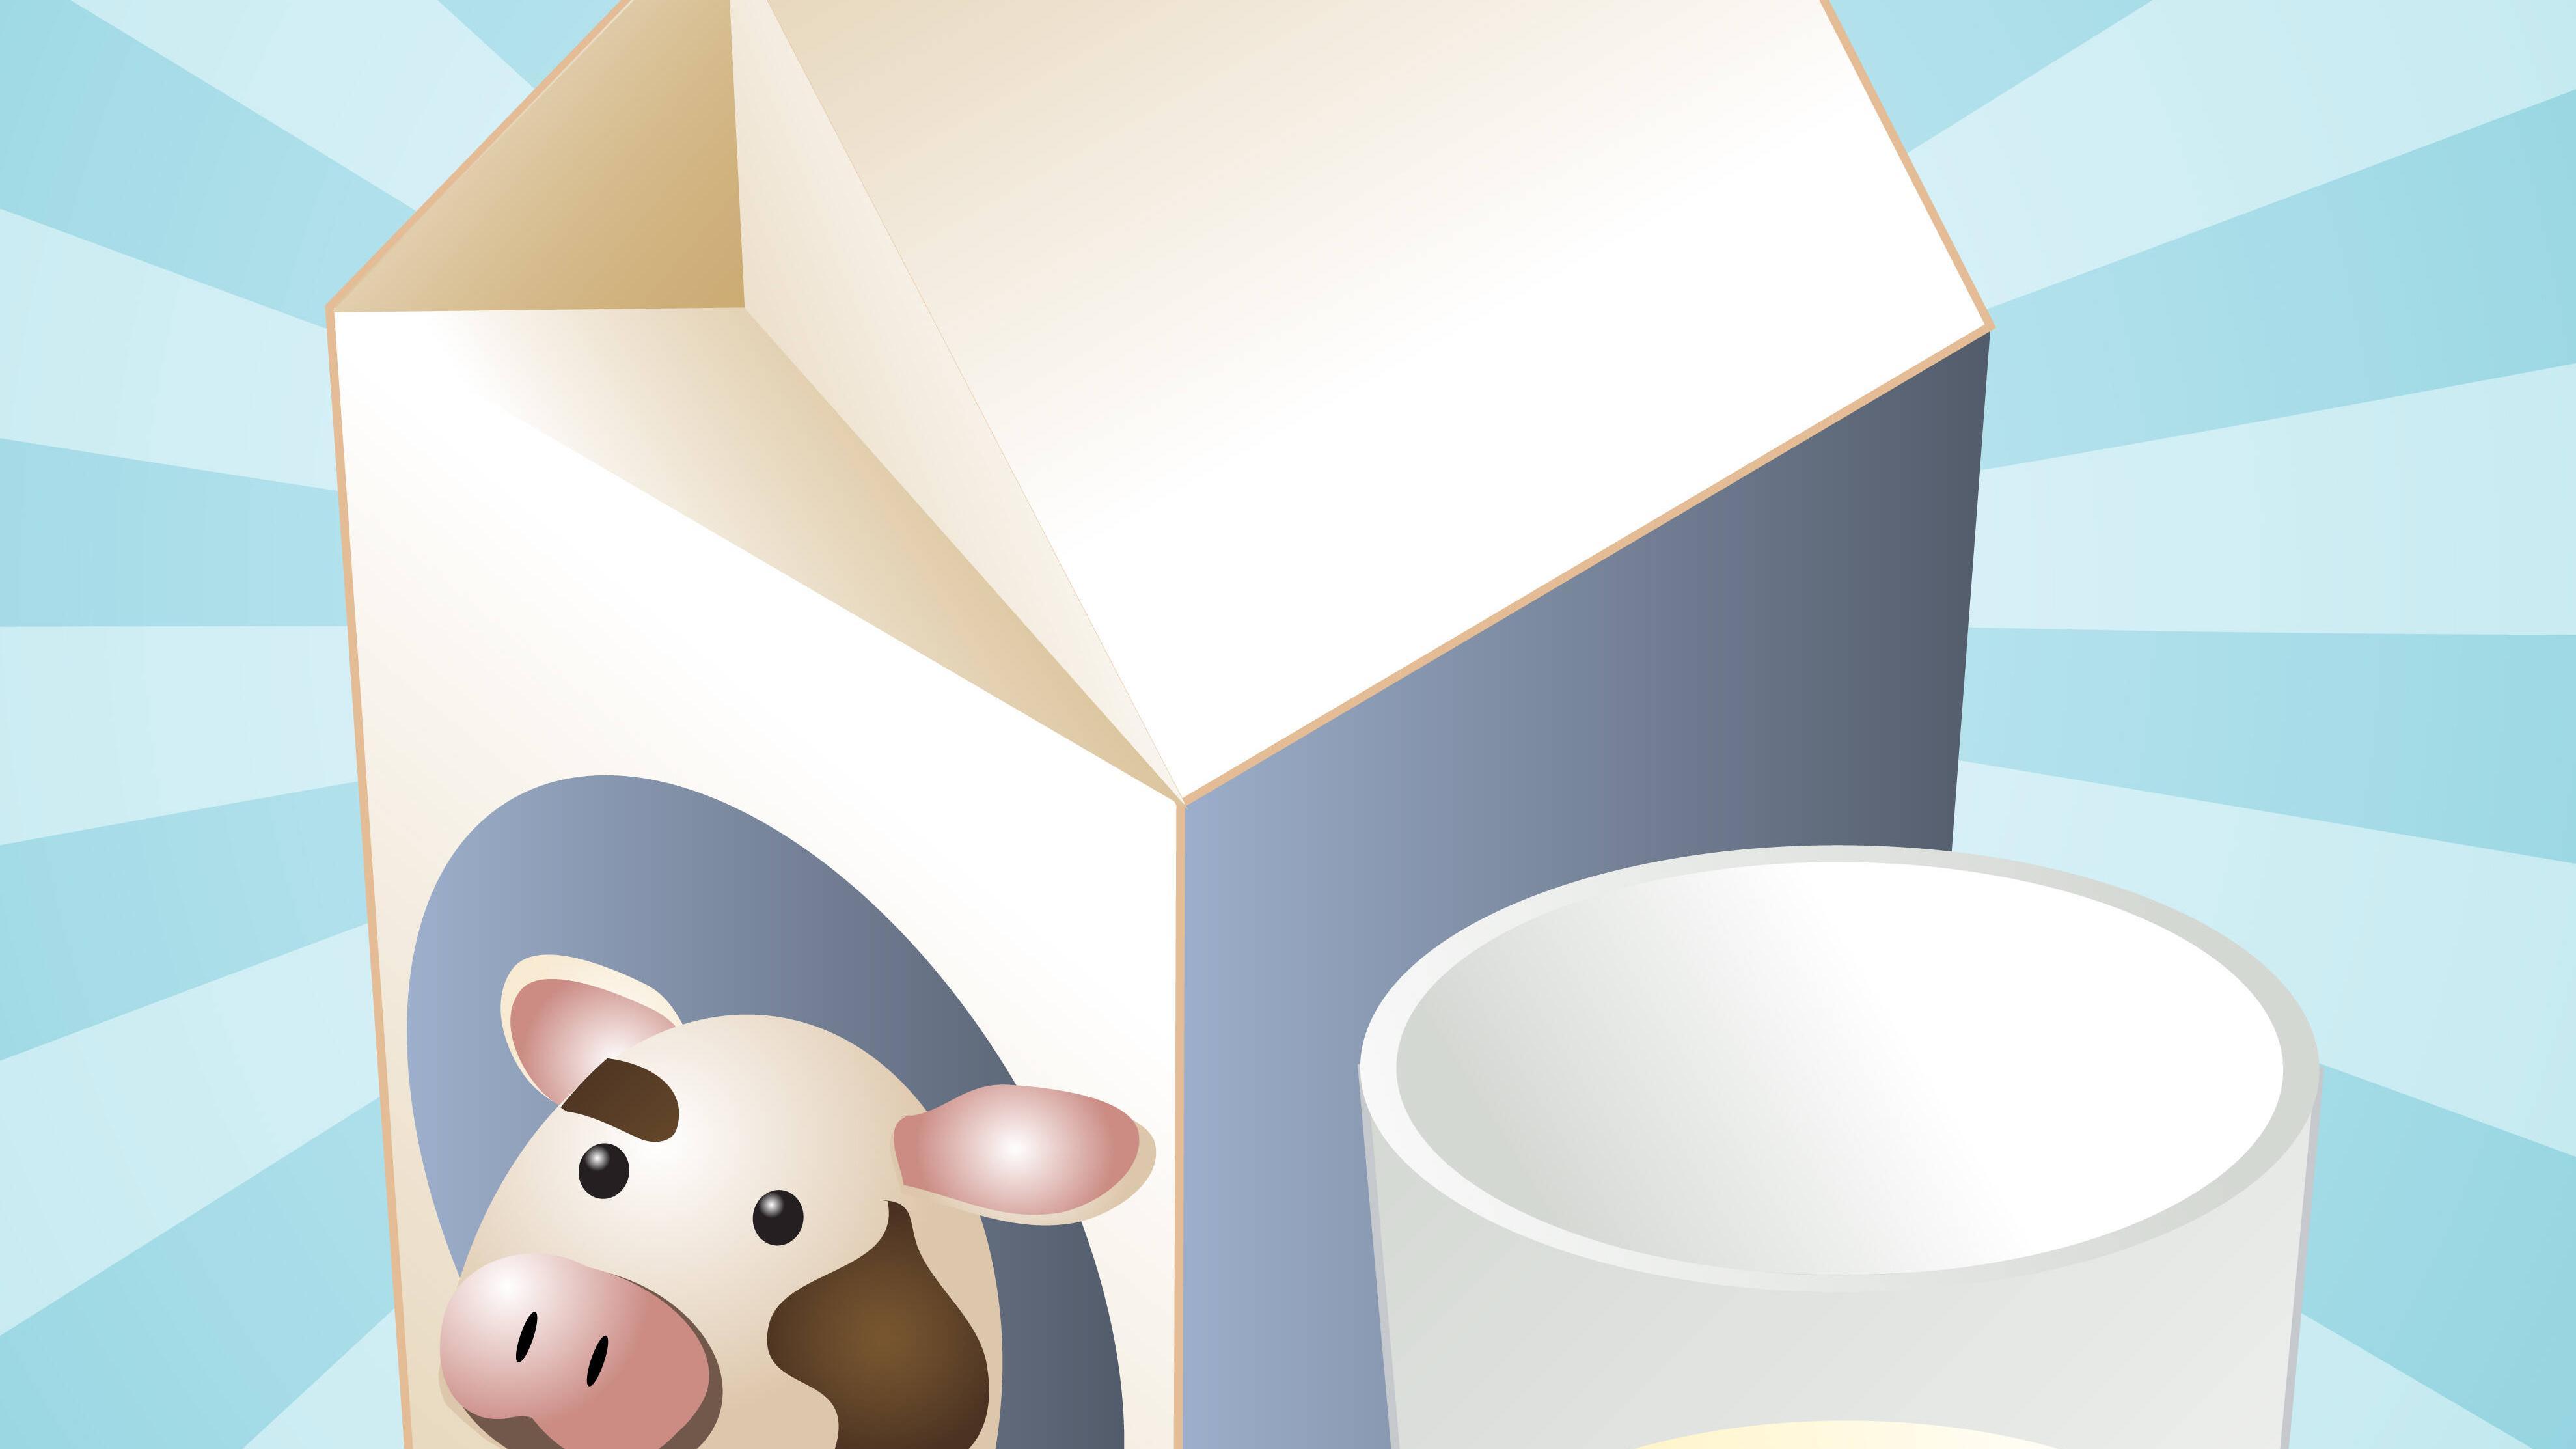 Milchtüten Upcycling: 3 schöne Ideen fürs DIY-Projekt